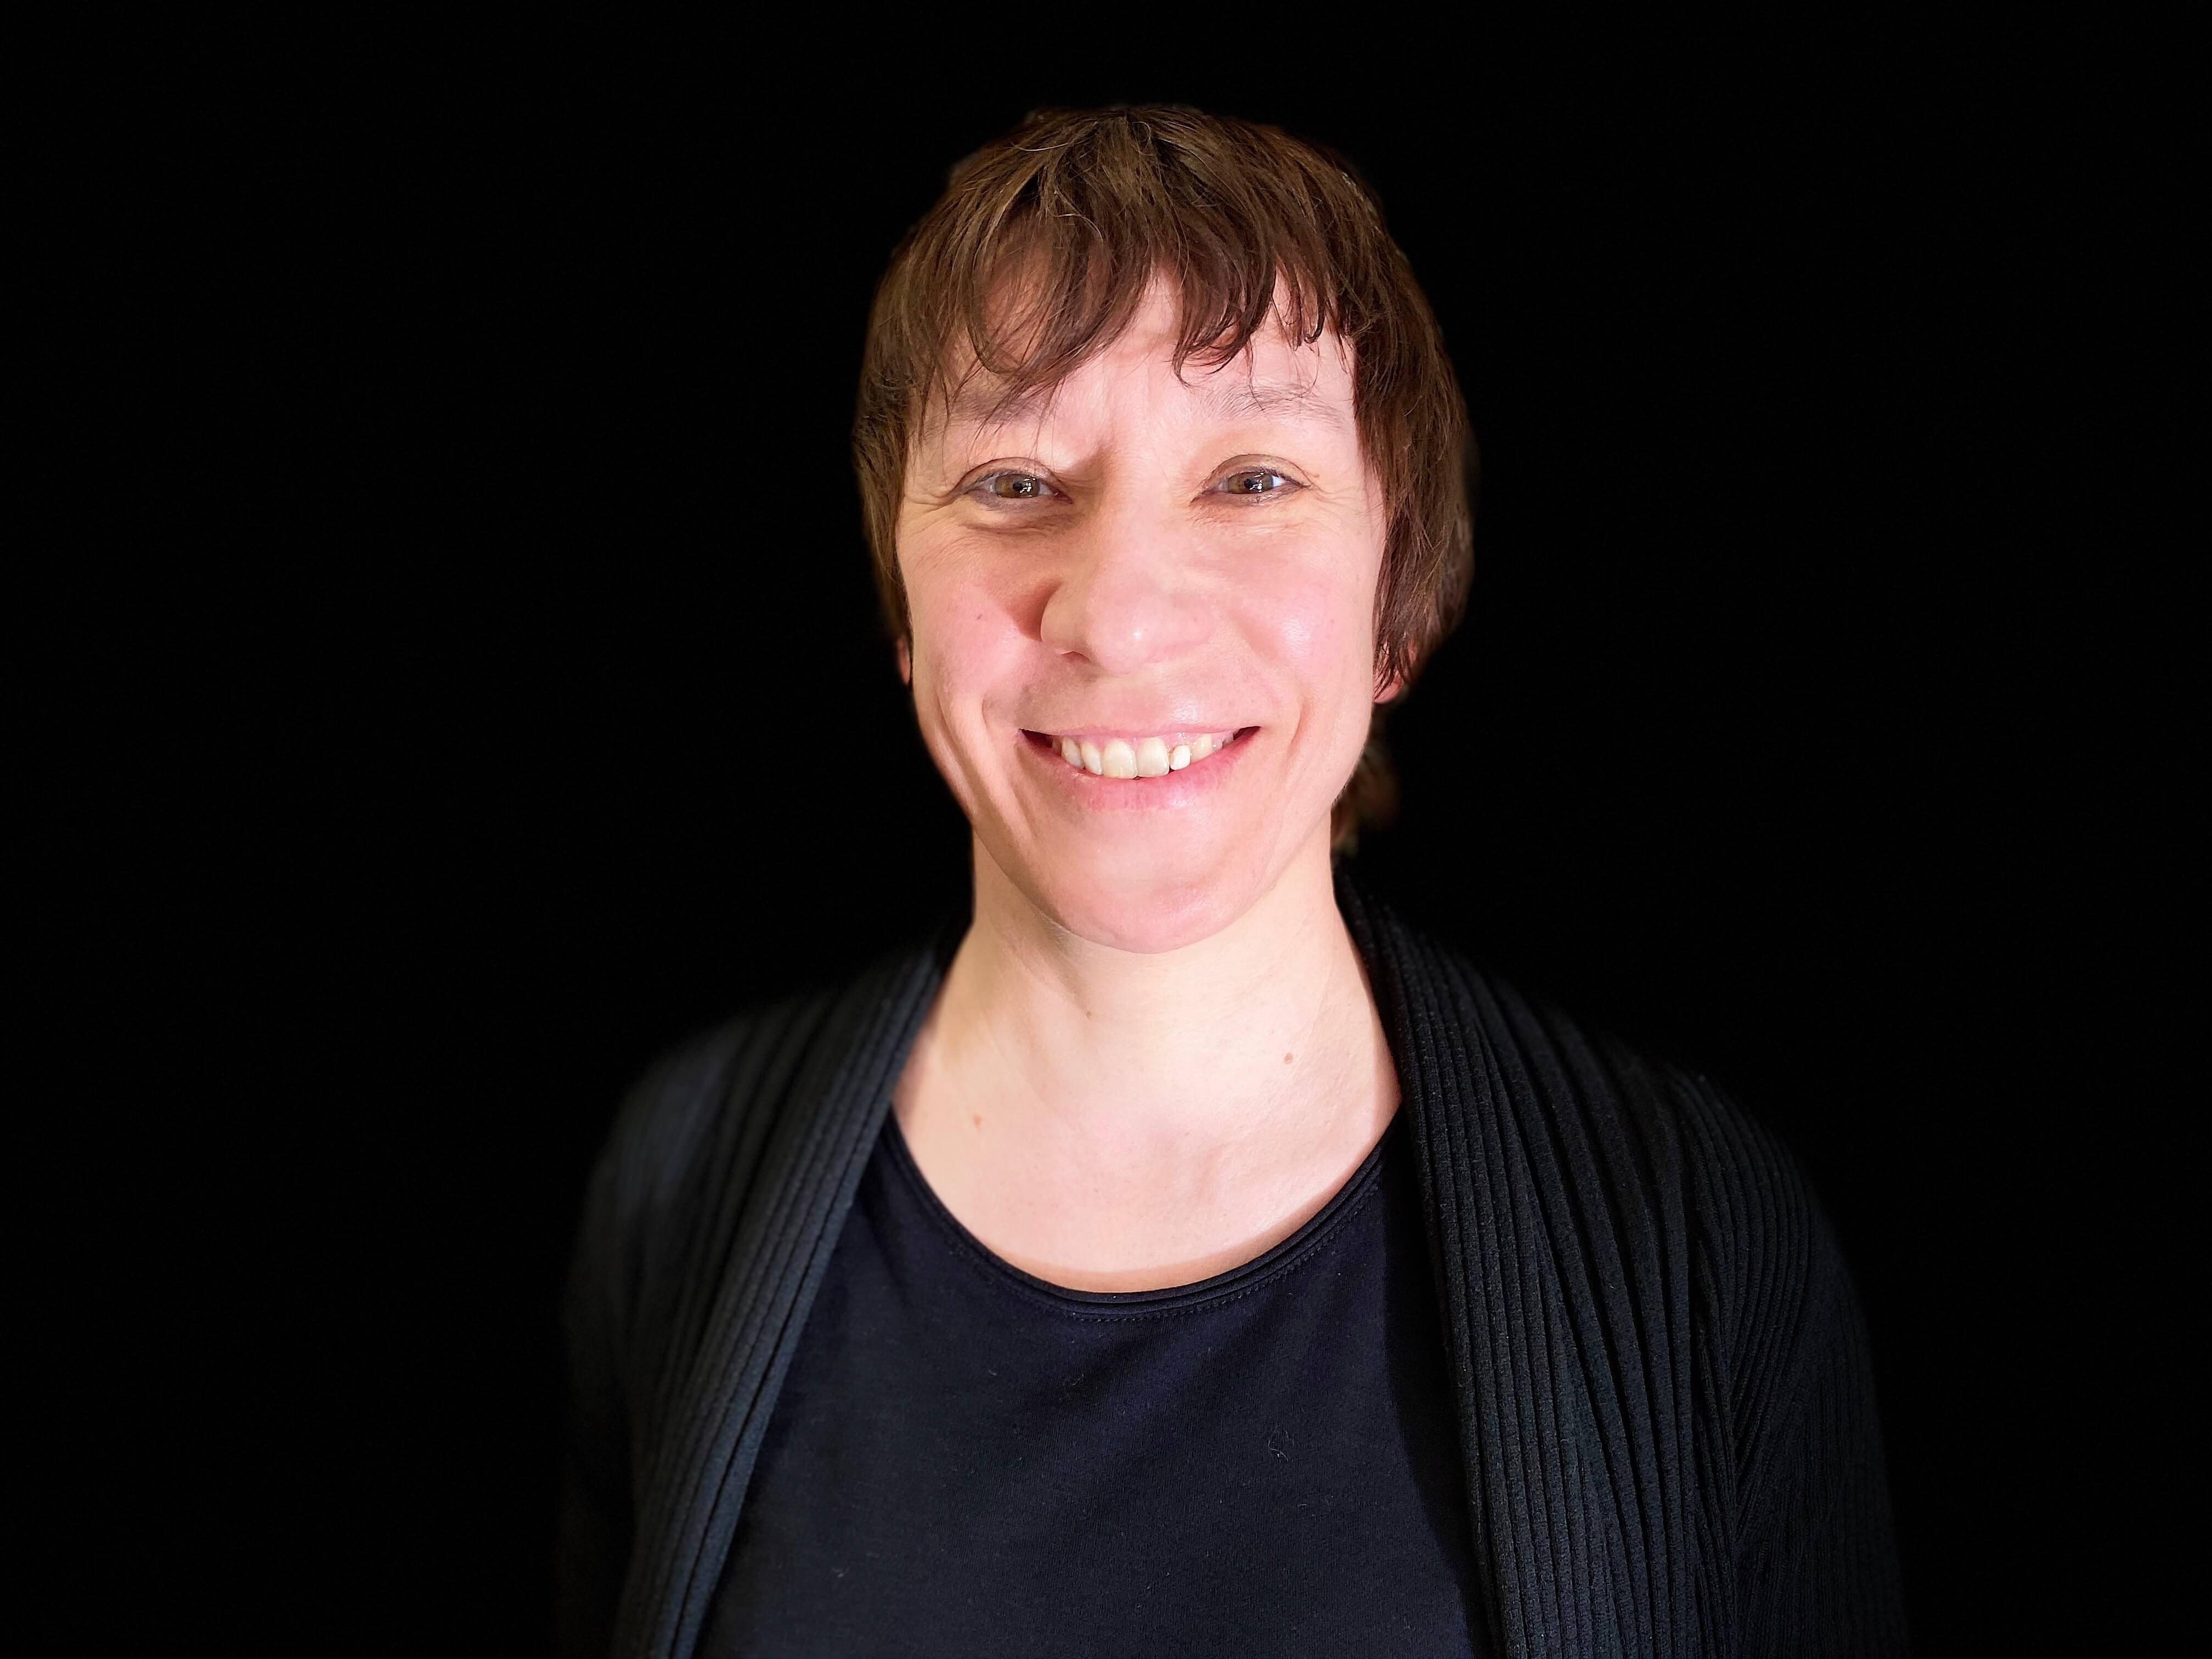 Susanne Bieri